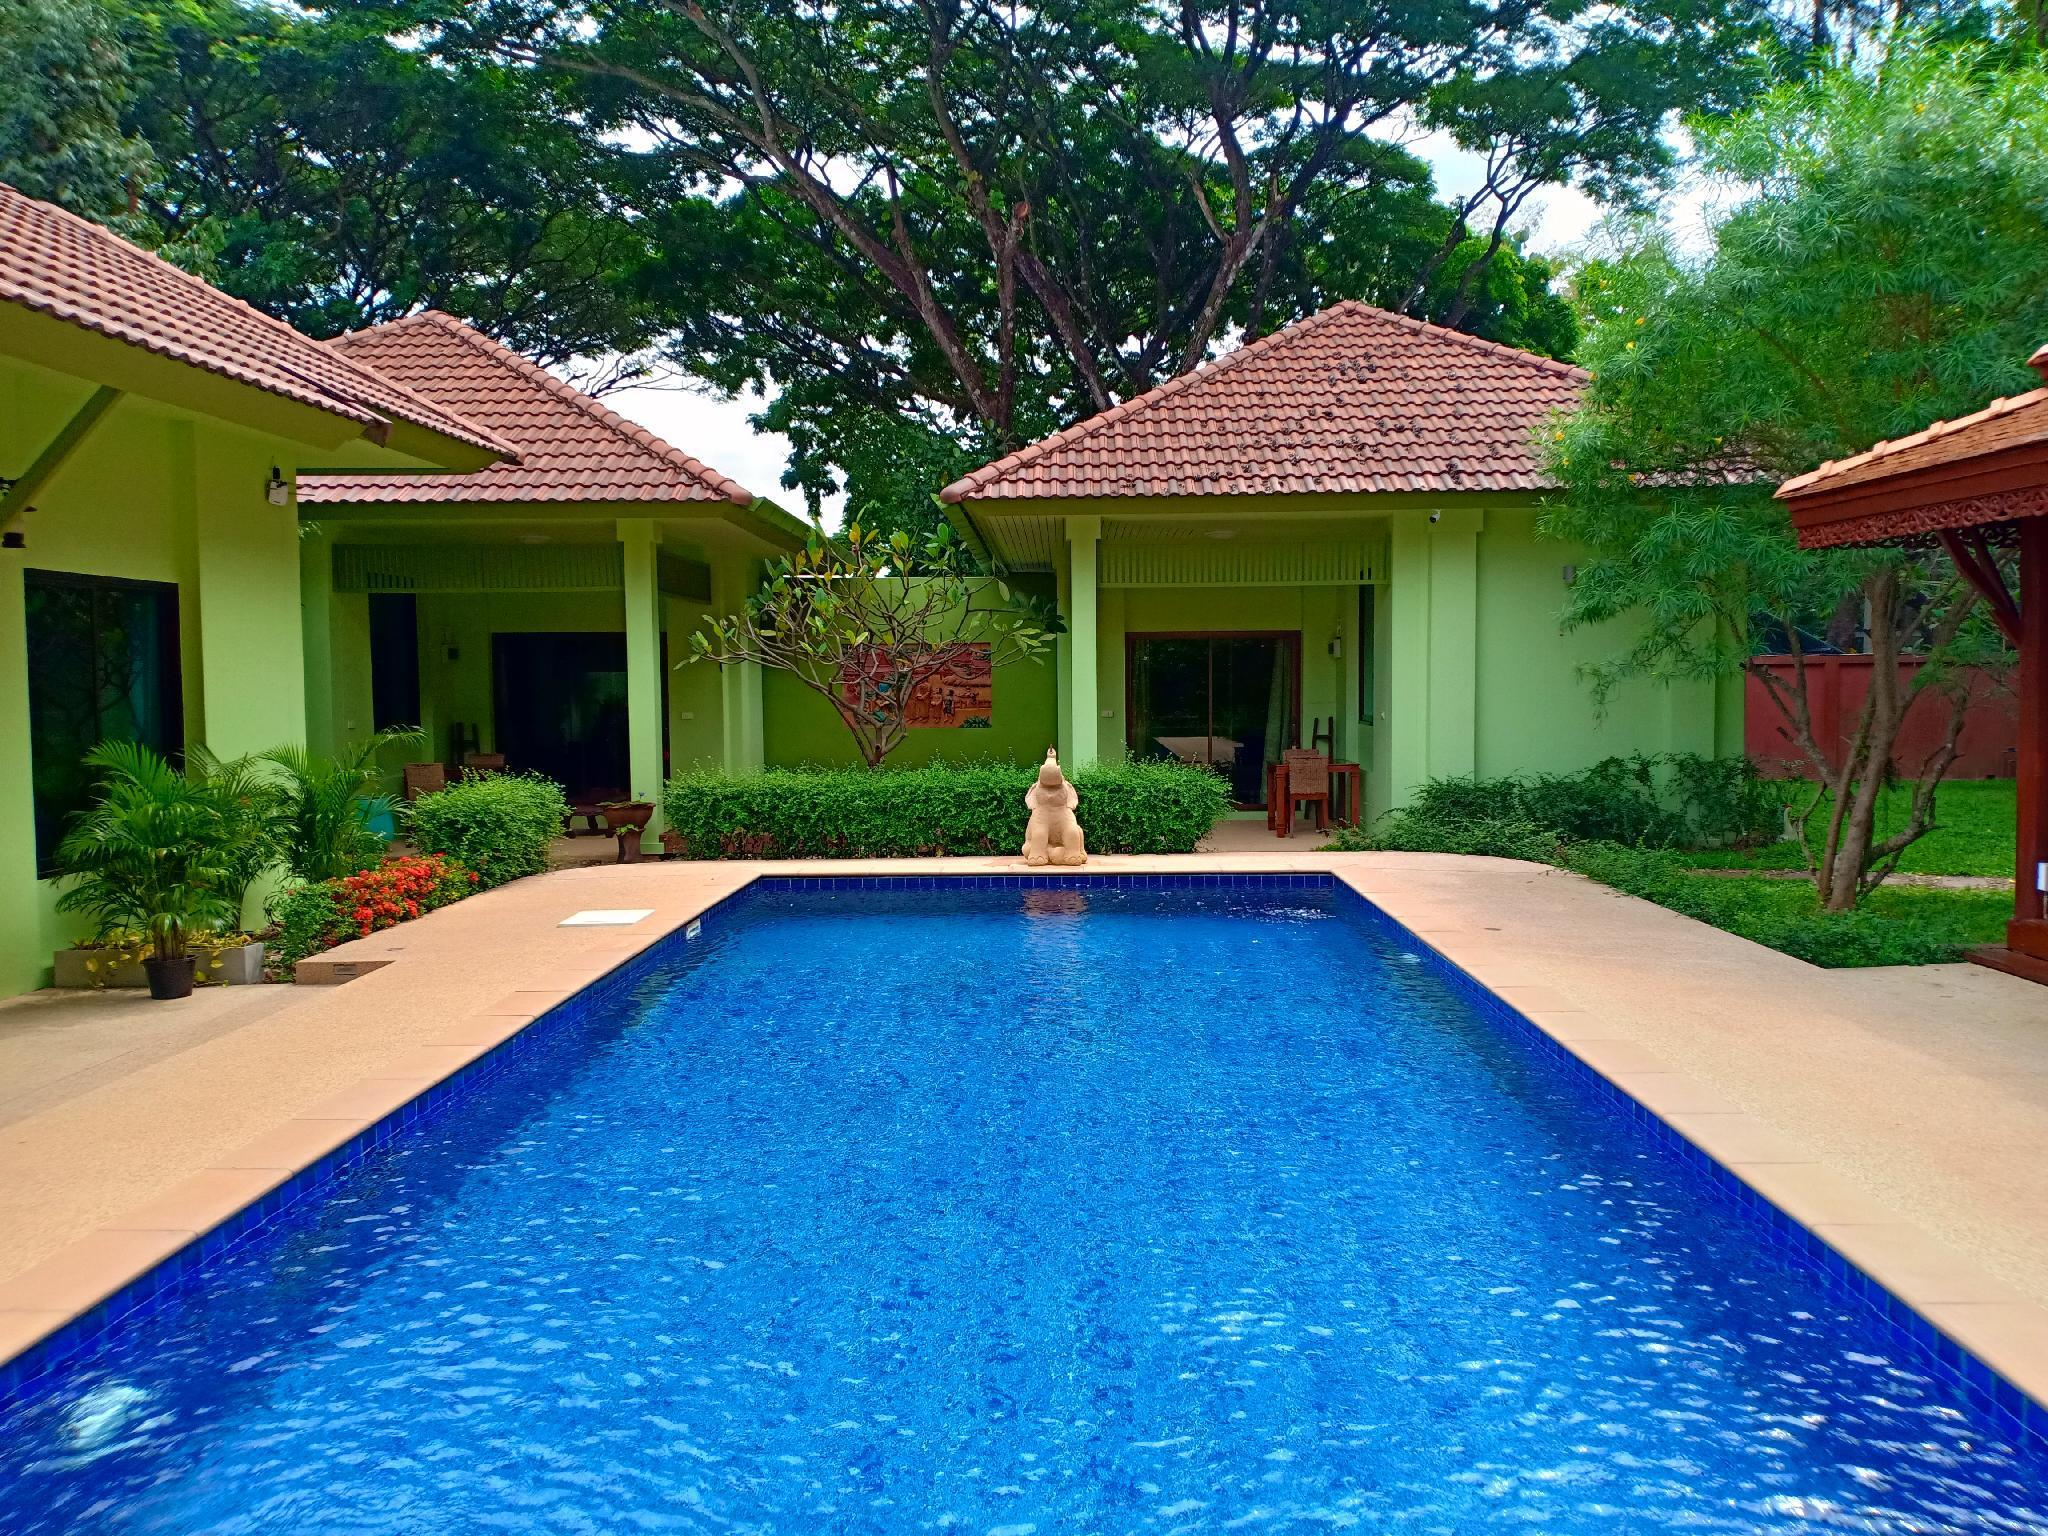 The Villa Vanali One Bedroom Pool Front (sleeps 2) The Villa Vanali One Bedroom Pool Front (sleeps 2)